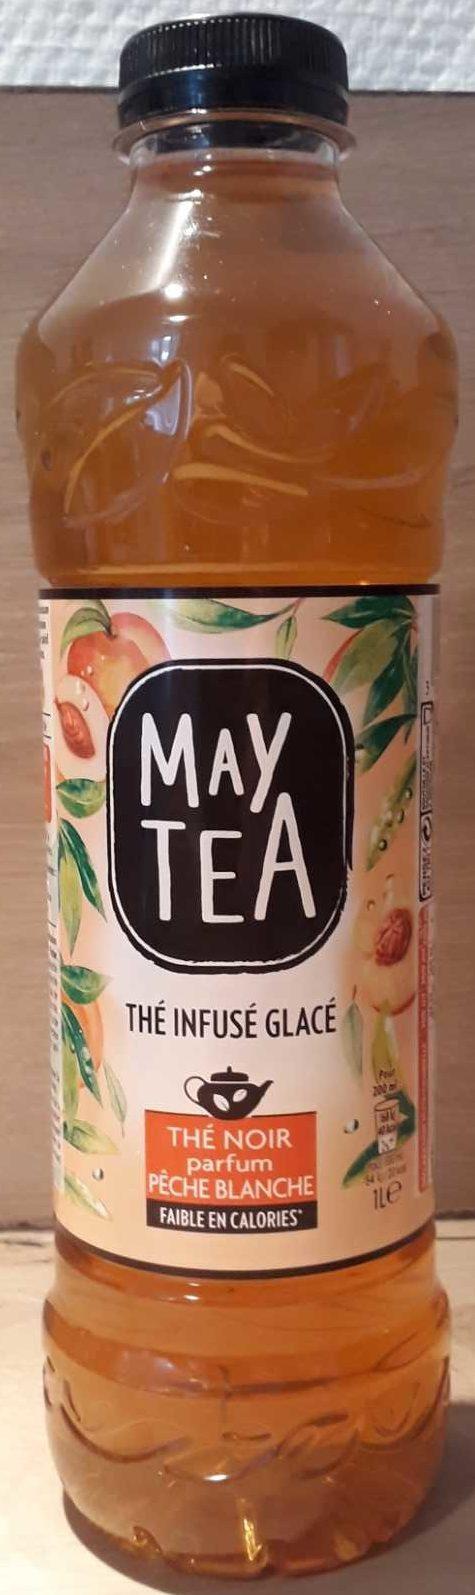 Thé infusé glacé, Thé noir parfum pêche blanche - Product